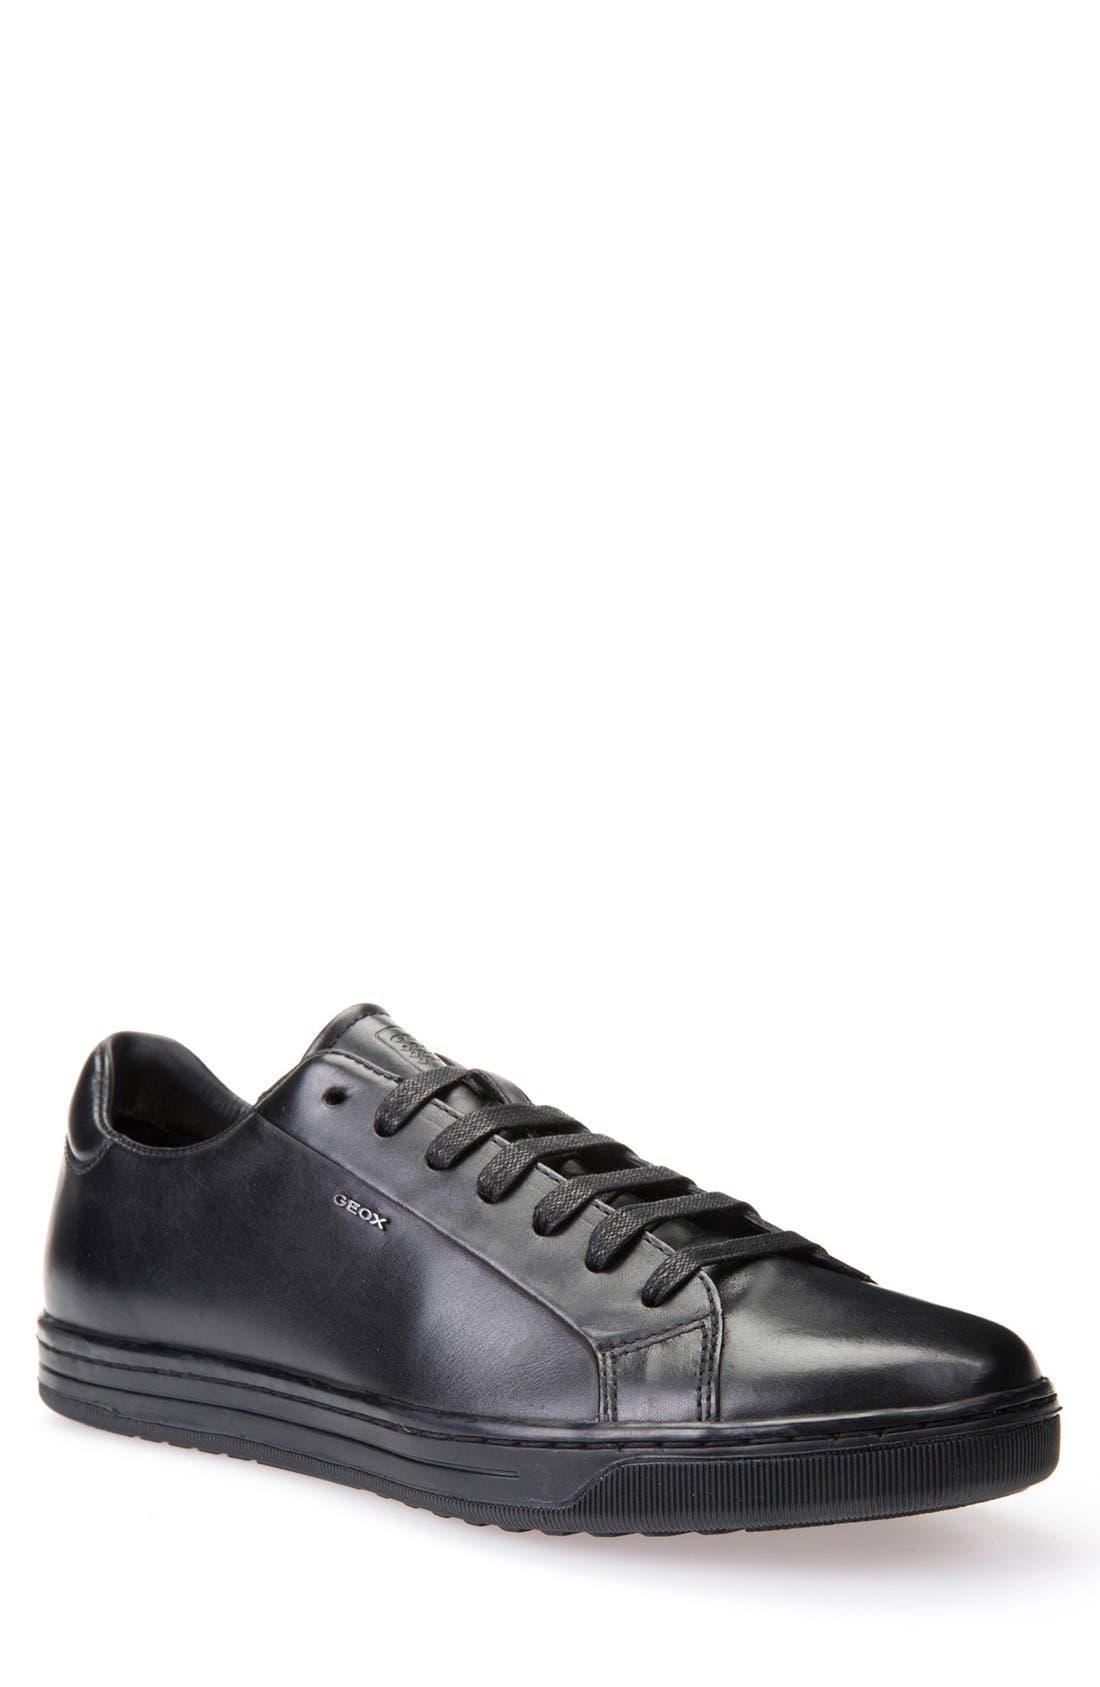 Geox Ricky Leather Sneaker (Men)